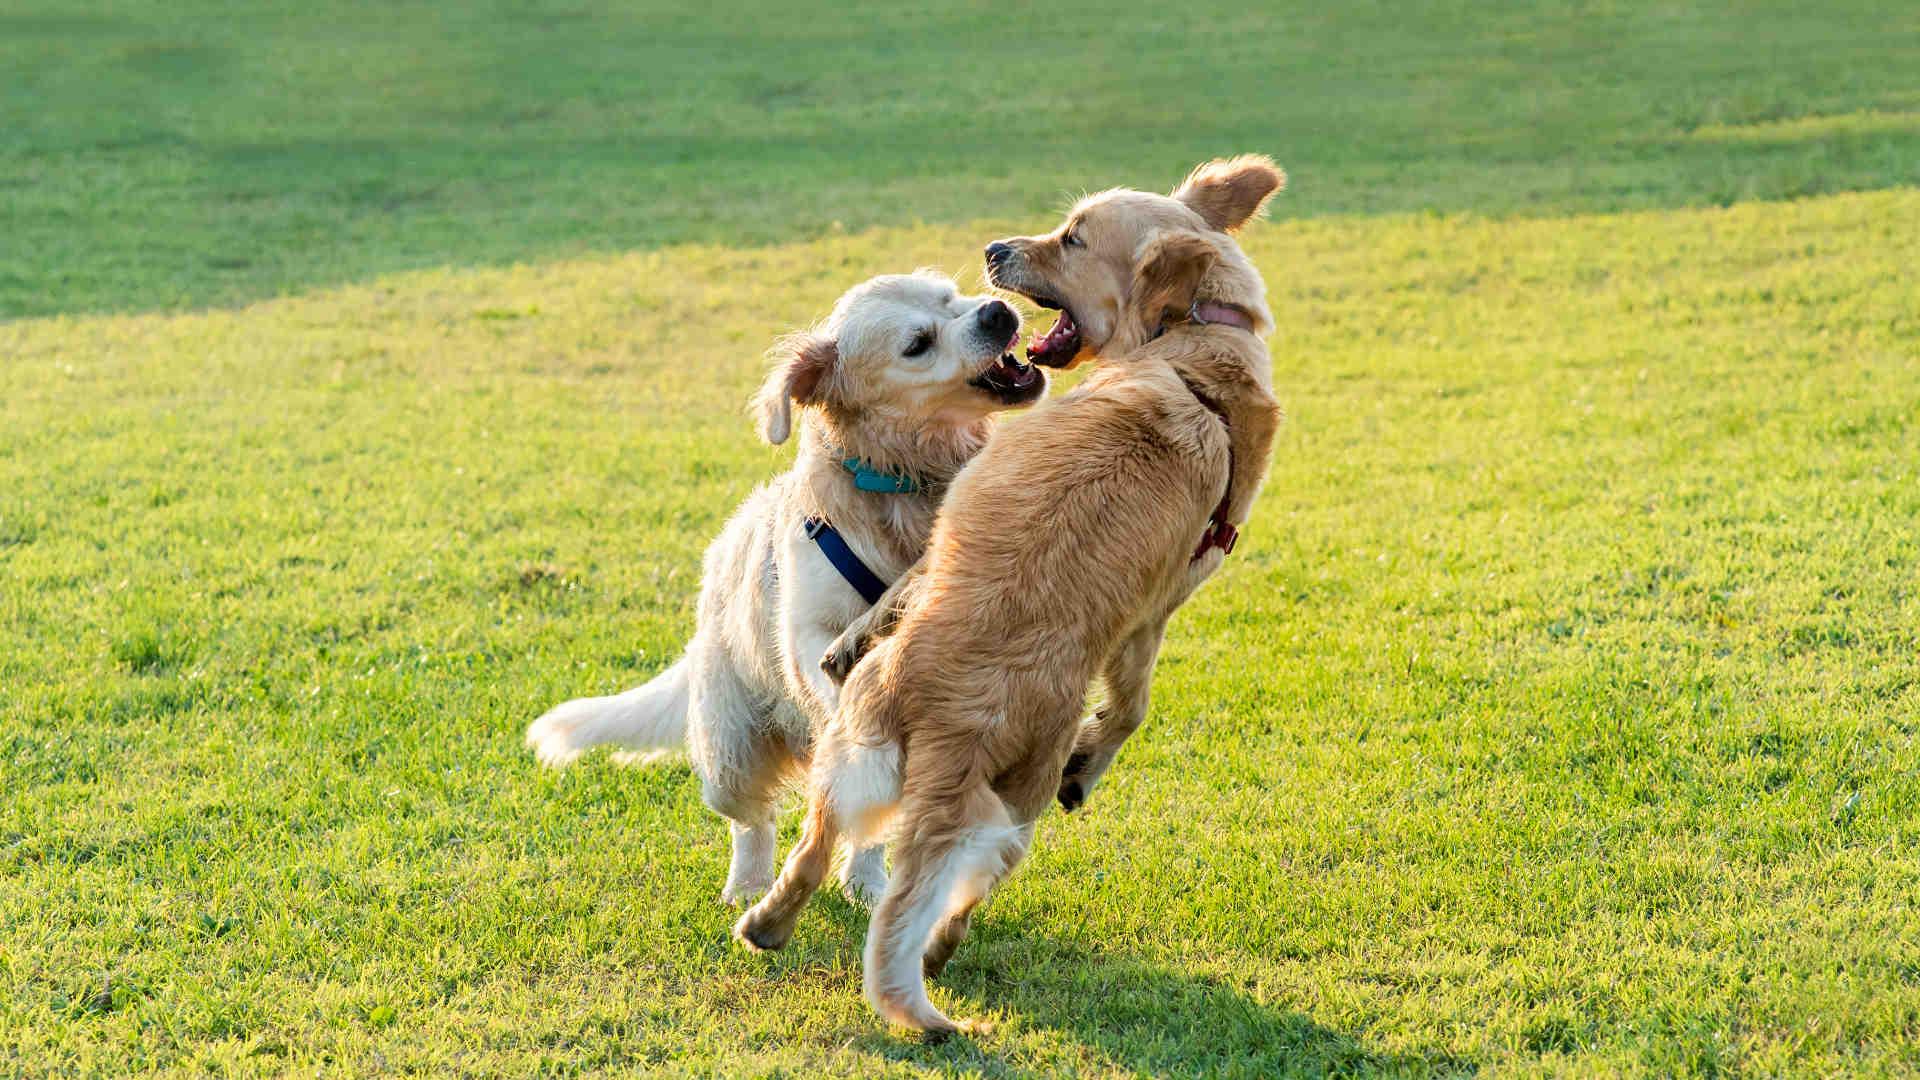 Hund wird von anderem Hund gebissen